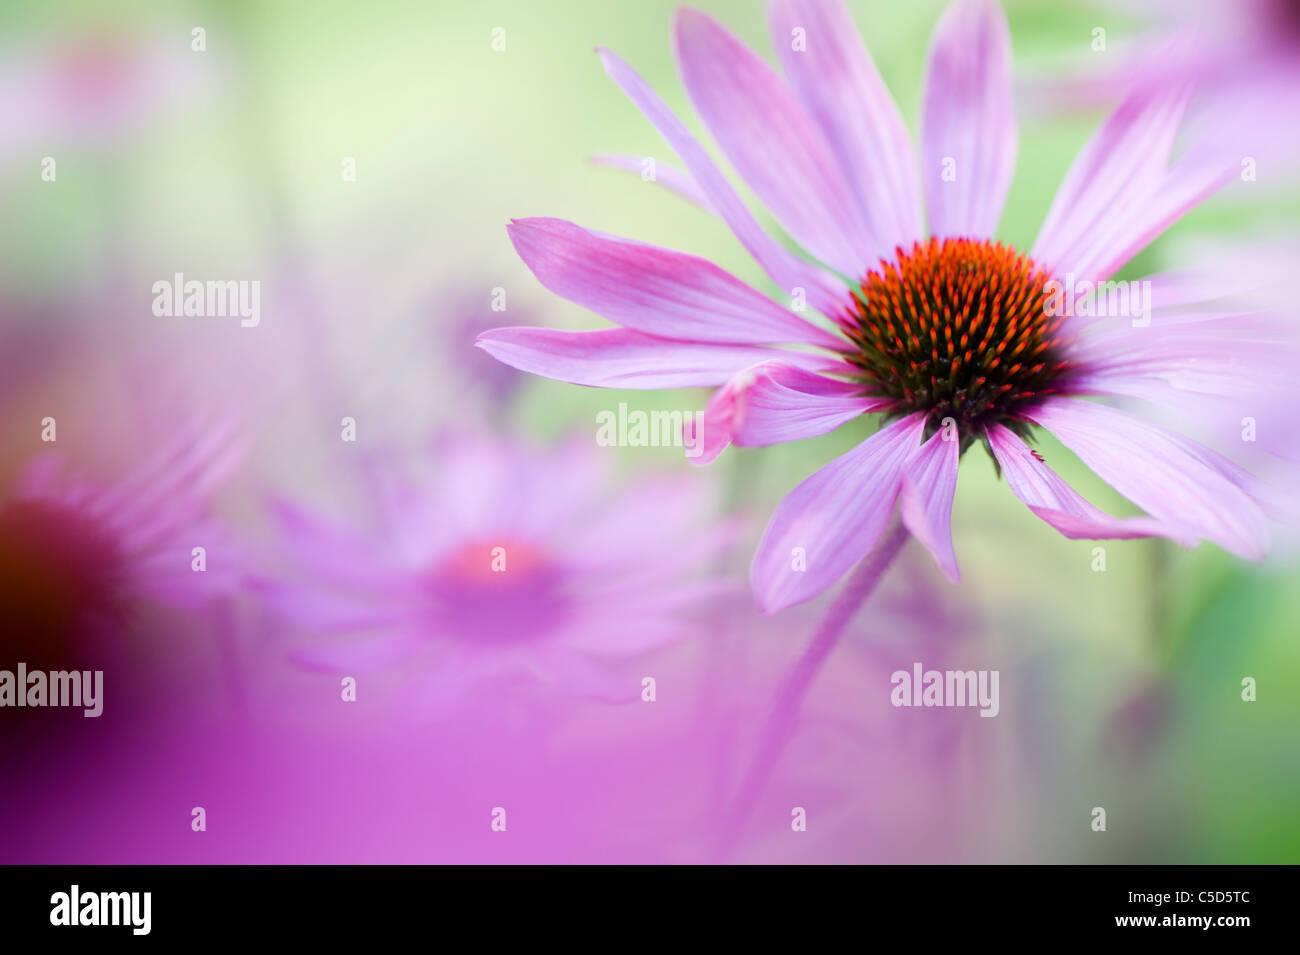 Imagen cercana de Echinacea purpurea (Oriental coneflowers púrpura o morado coneflower) rosa Flores de verano, Imagen De Stock